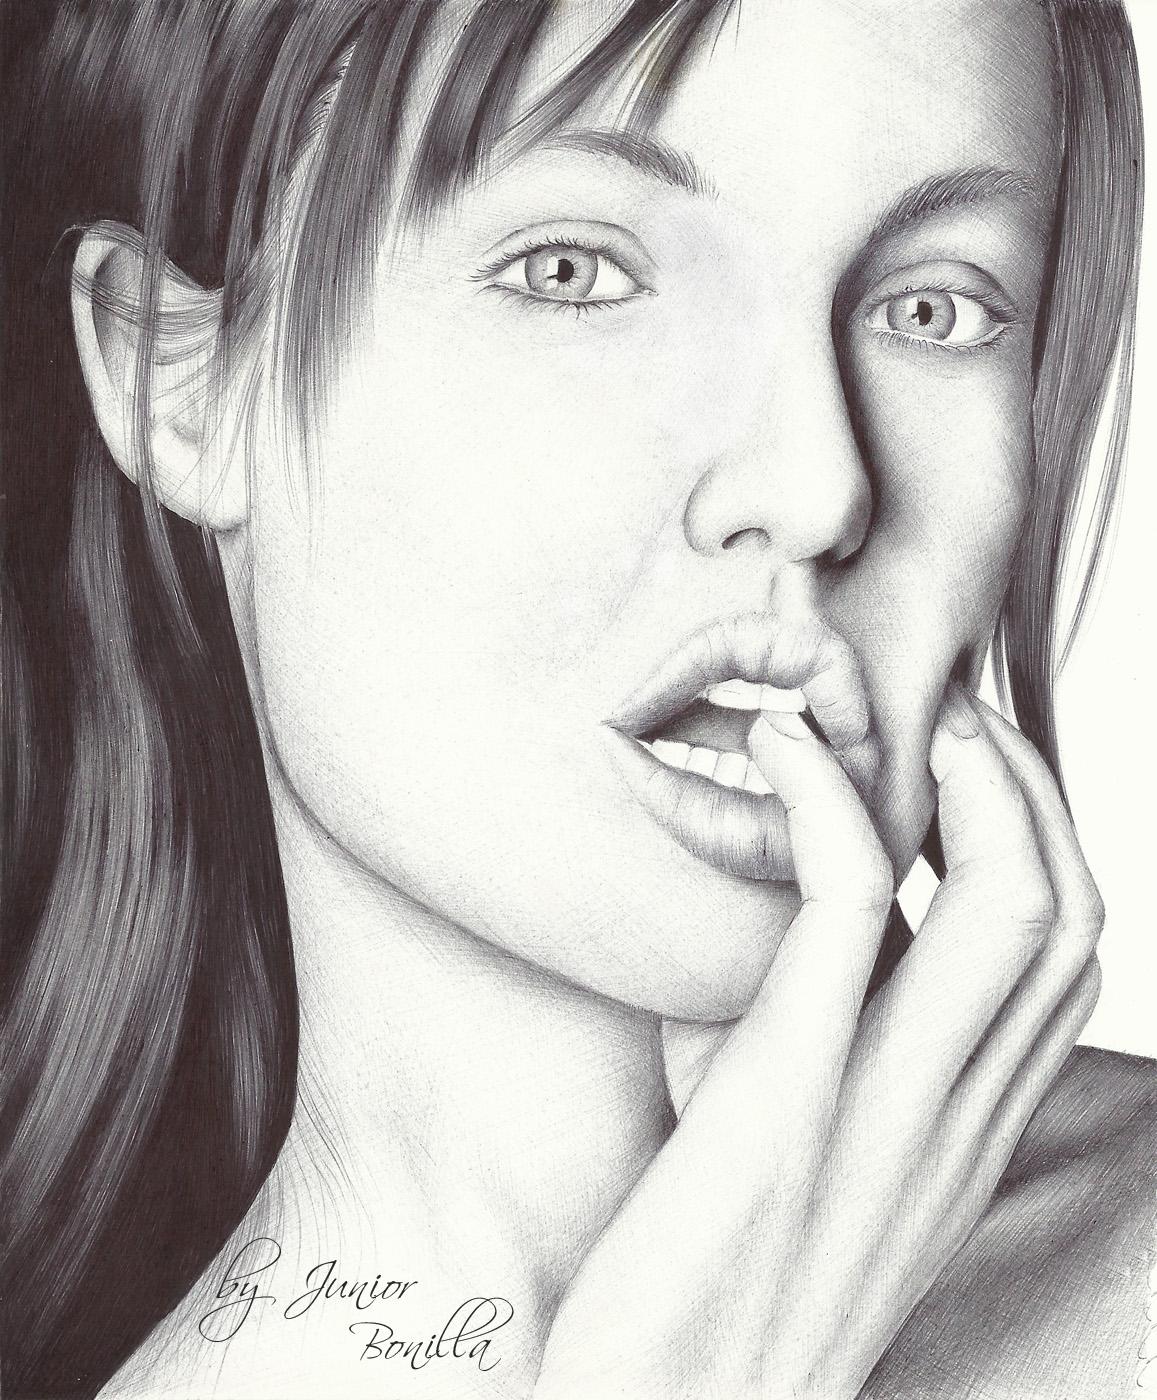 http://1.bp.blogspot.com/-HYj9JgYGELs/T_hY0u2Q3FI/AAAAAAAABp8/YVazBacqC_c/s1600/Portrait%2BAngelina%2BJolie.jpg